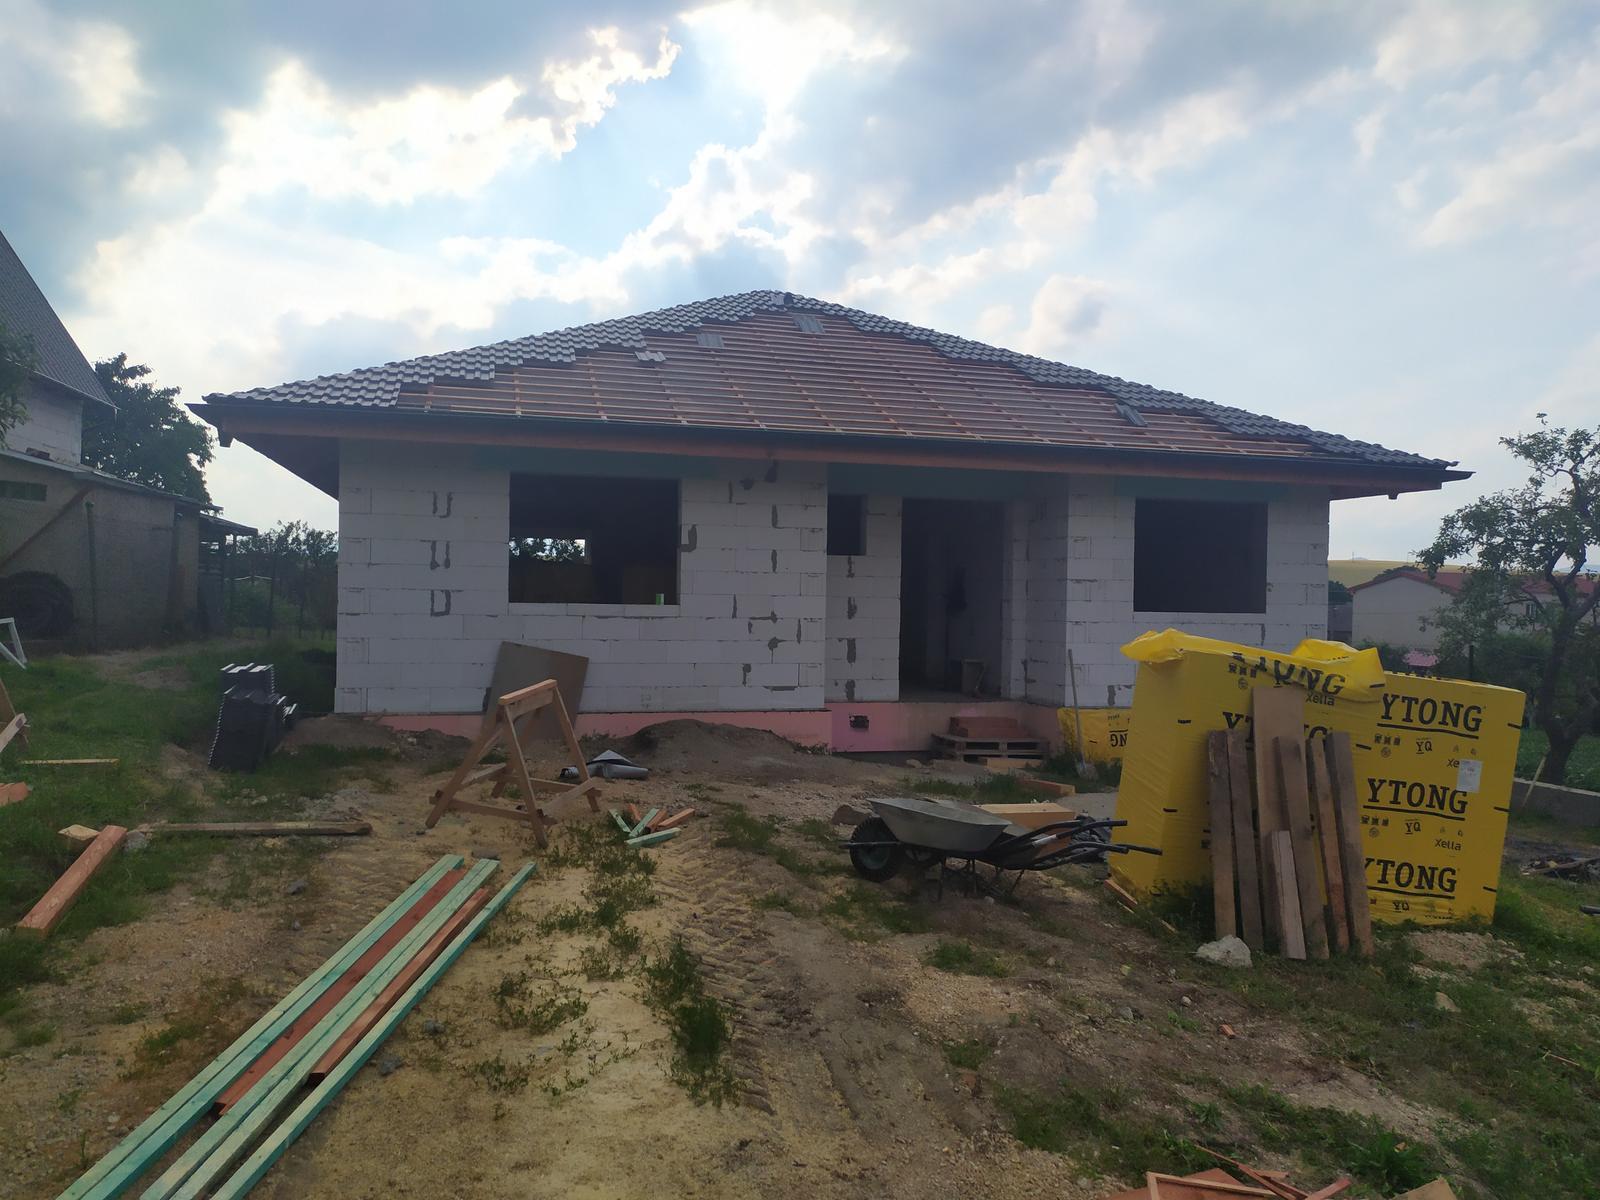 Stavba domu - Svojpomocne 🏠 - Obrázok č. 92